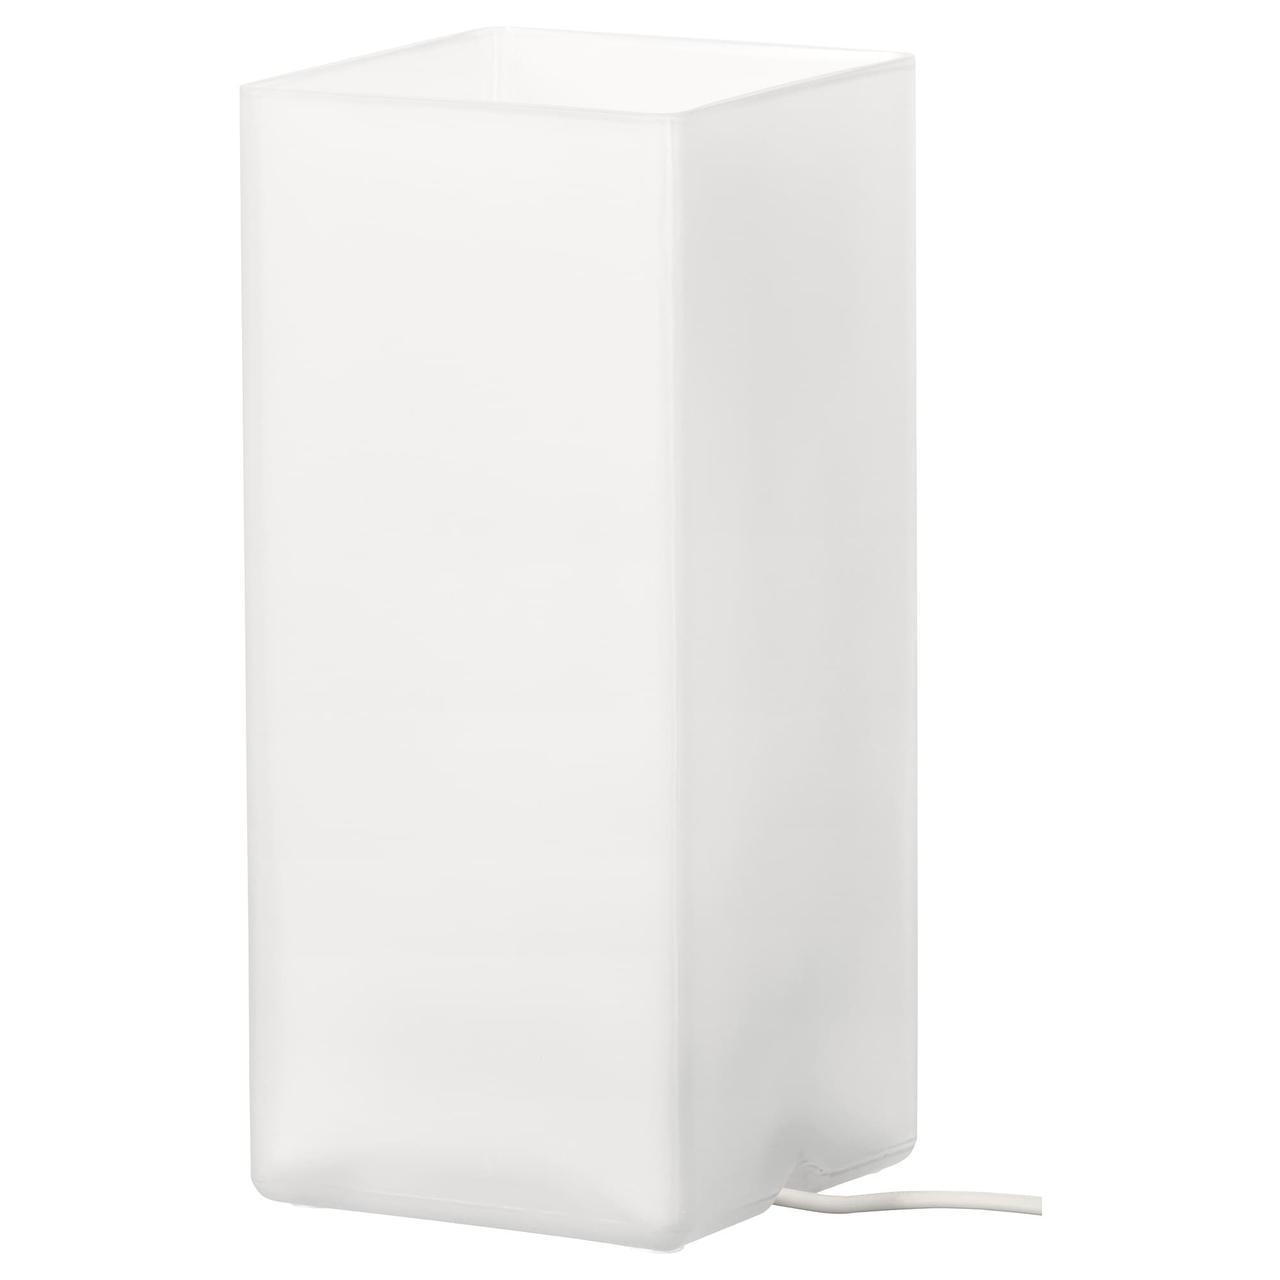 IKEA GRONO Наcтольная лампа, матовое стекло белое  (203.732.25)